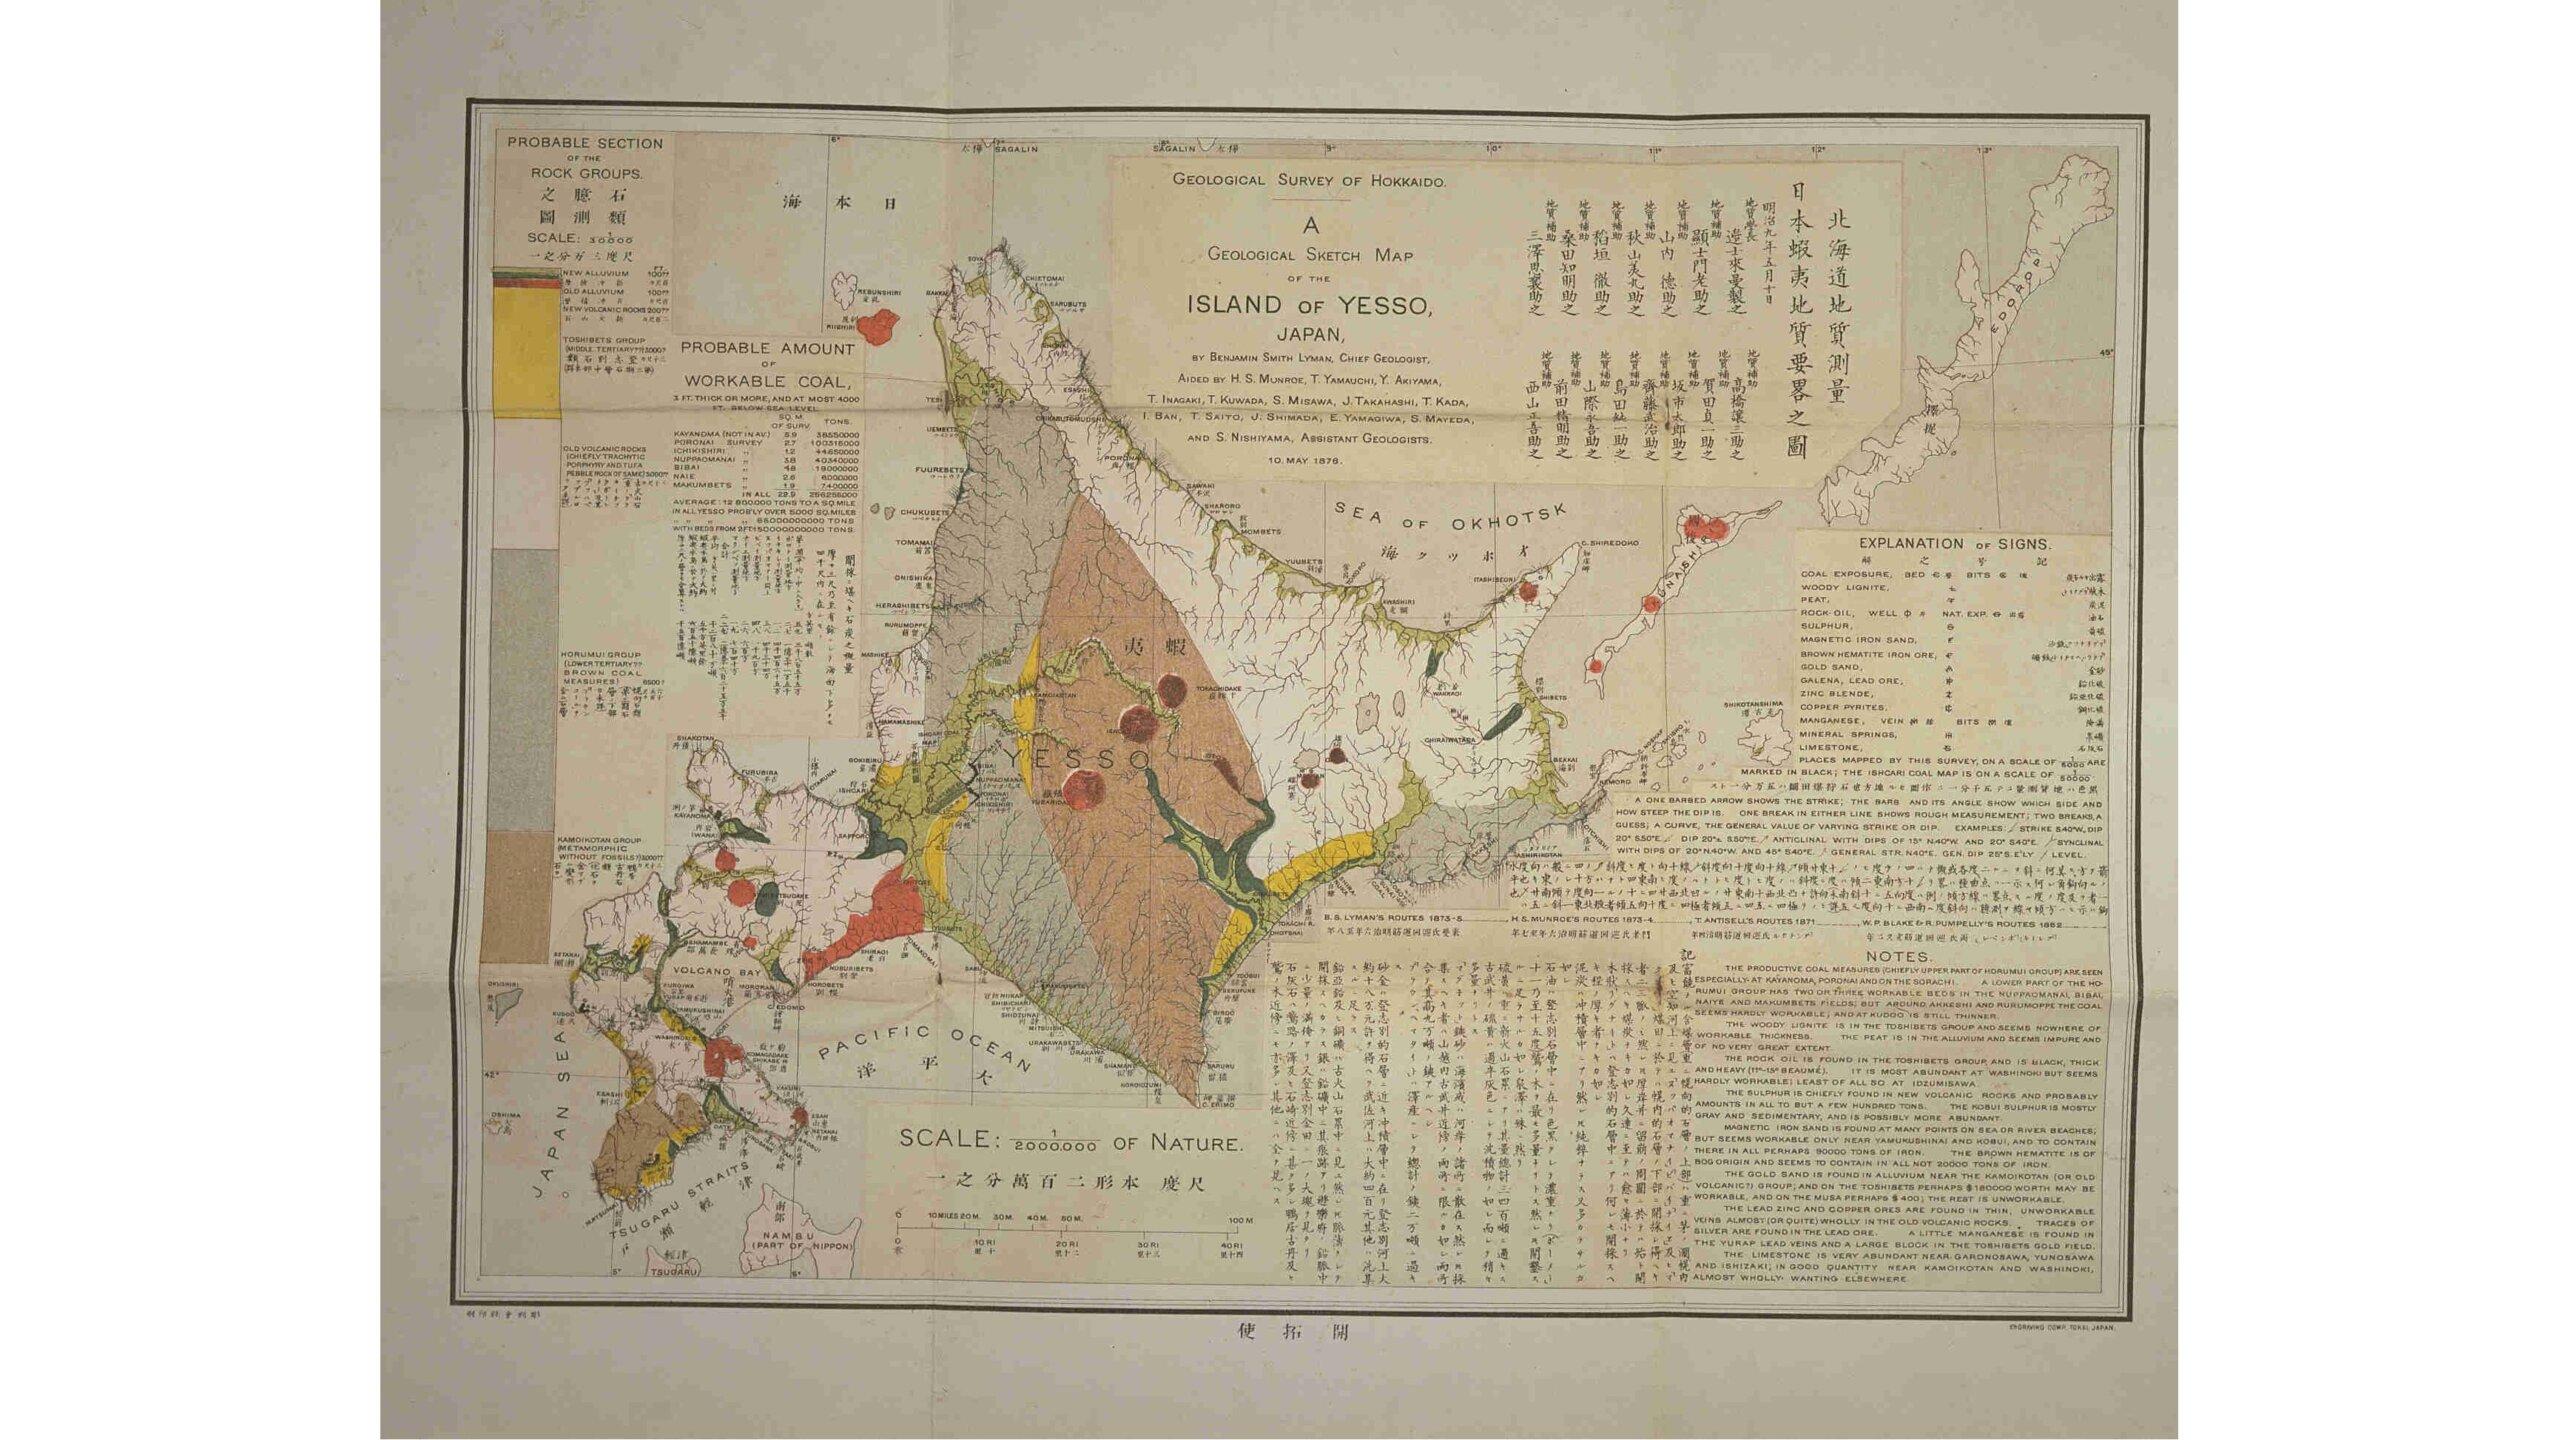 1873年,由來到日本的美國人萊曼製作而成的日本第一個地質圖「日本蝦夷地質要略之圖(Geological Sketch Map of the Island of Yesso, Japan)」。對於當時的日本來說,地下資源(Underground resources)的調查,是發展近代化的重要國家計畫。此圖發表的日期5月10日,也被定為「地質之日」。photo: Hokkaido University Library